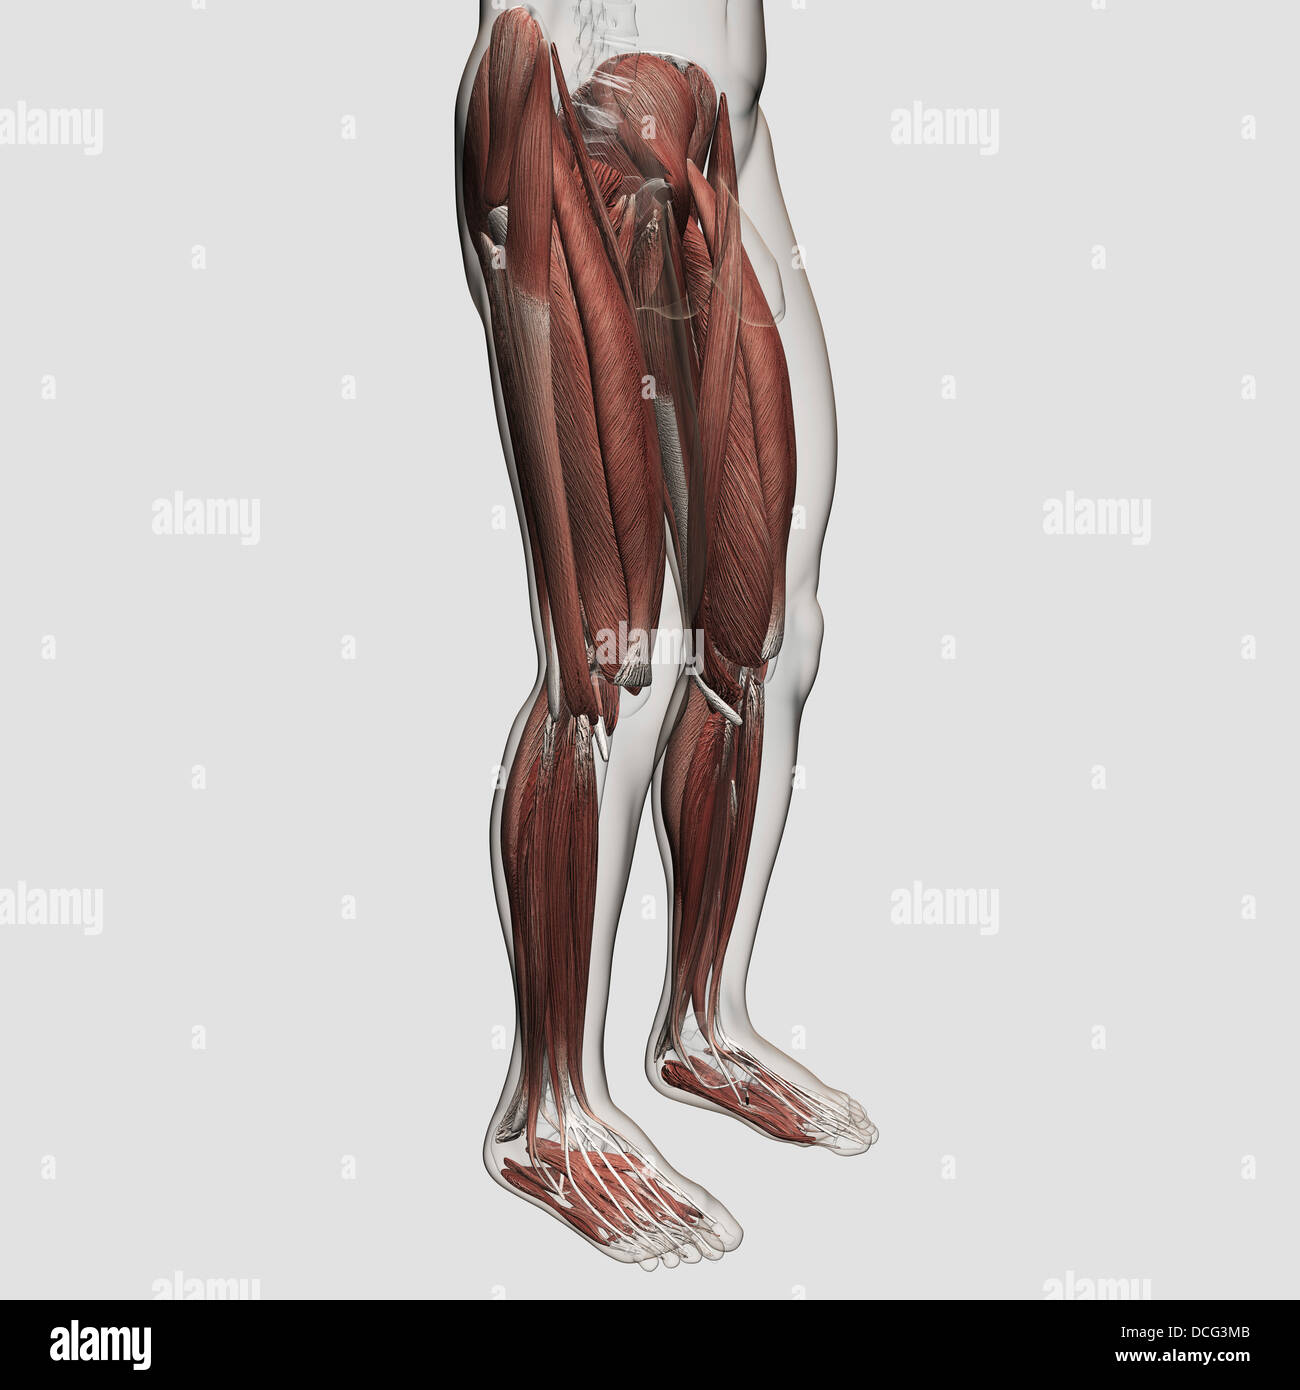 Masculina anatomía muscular de las piernas humanas, vista anterior ...